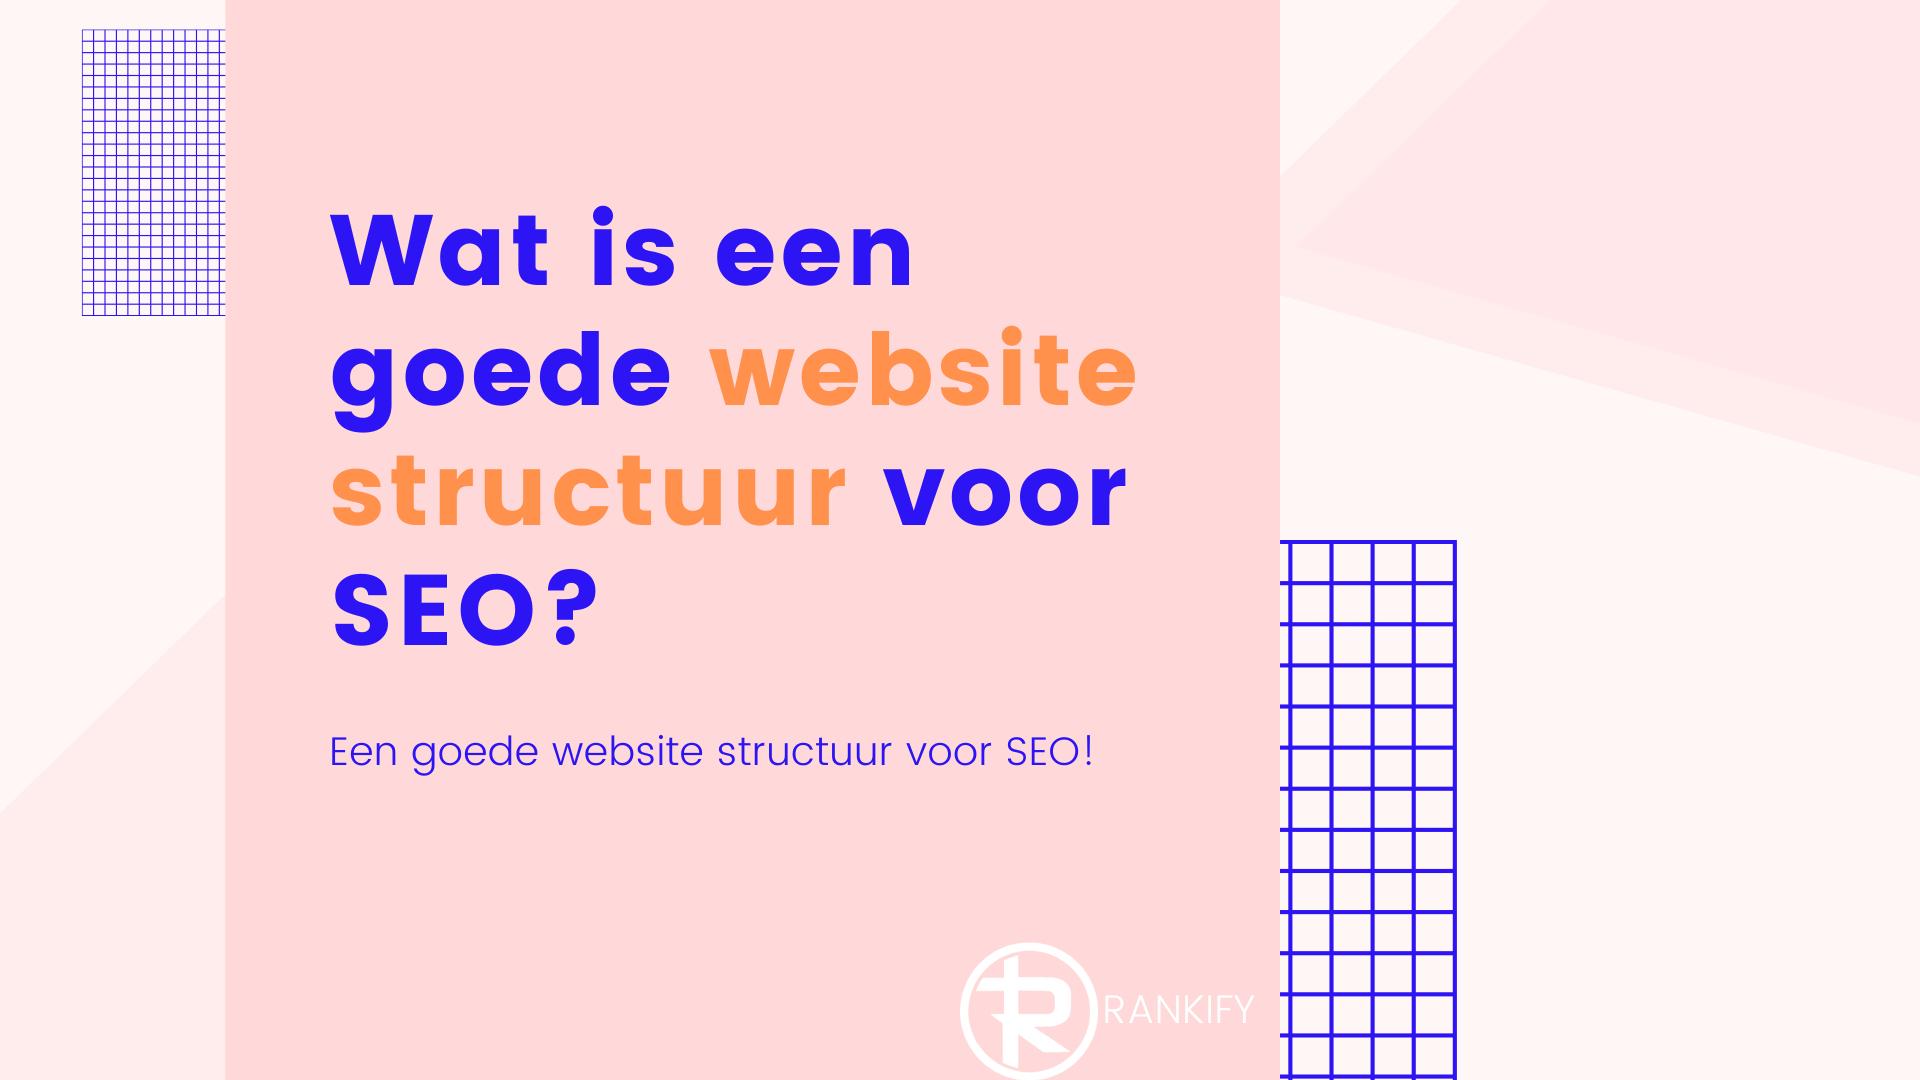 wat is een goede website structuur voor seo